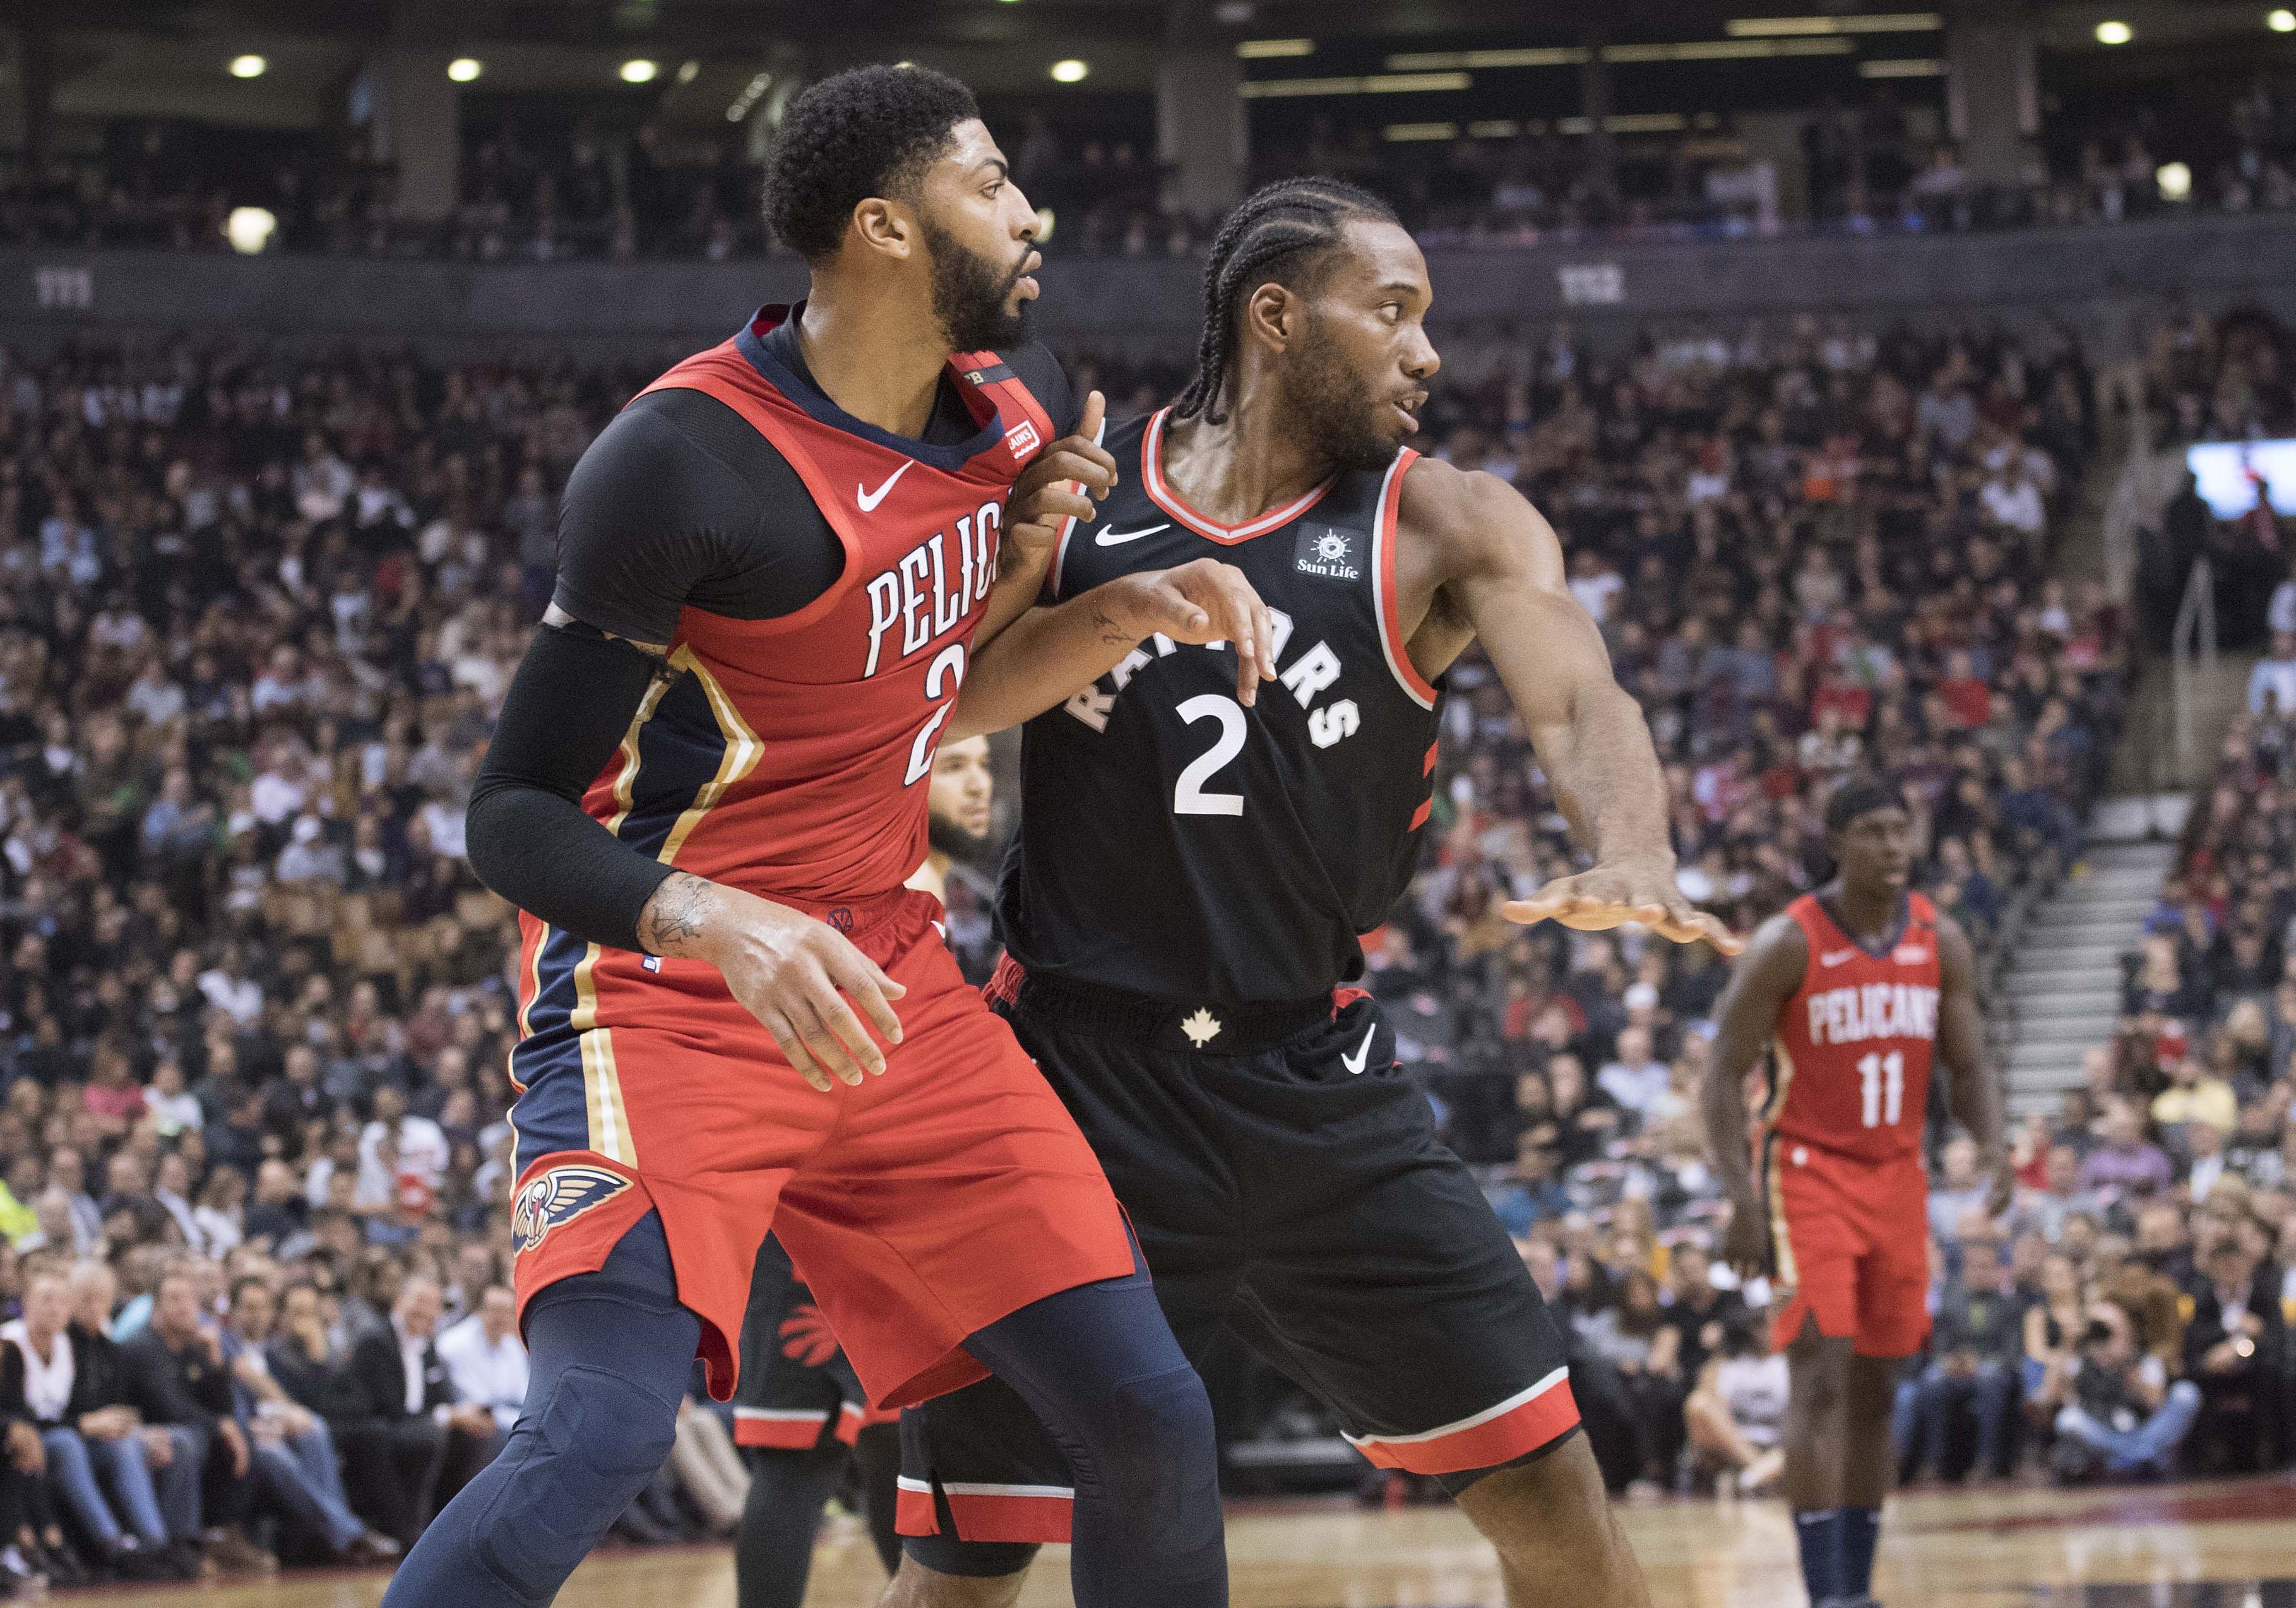 Pelicans Post Game Report #270 PELS VS Suns/Raptors Recaps & More..